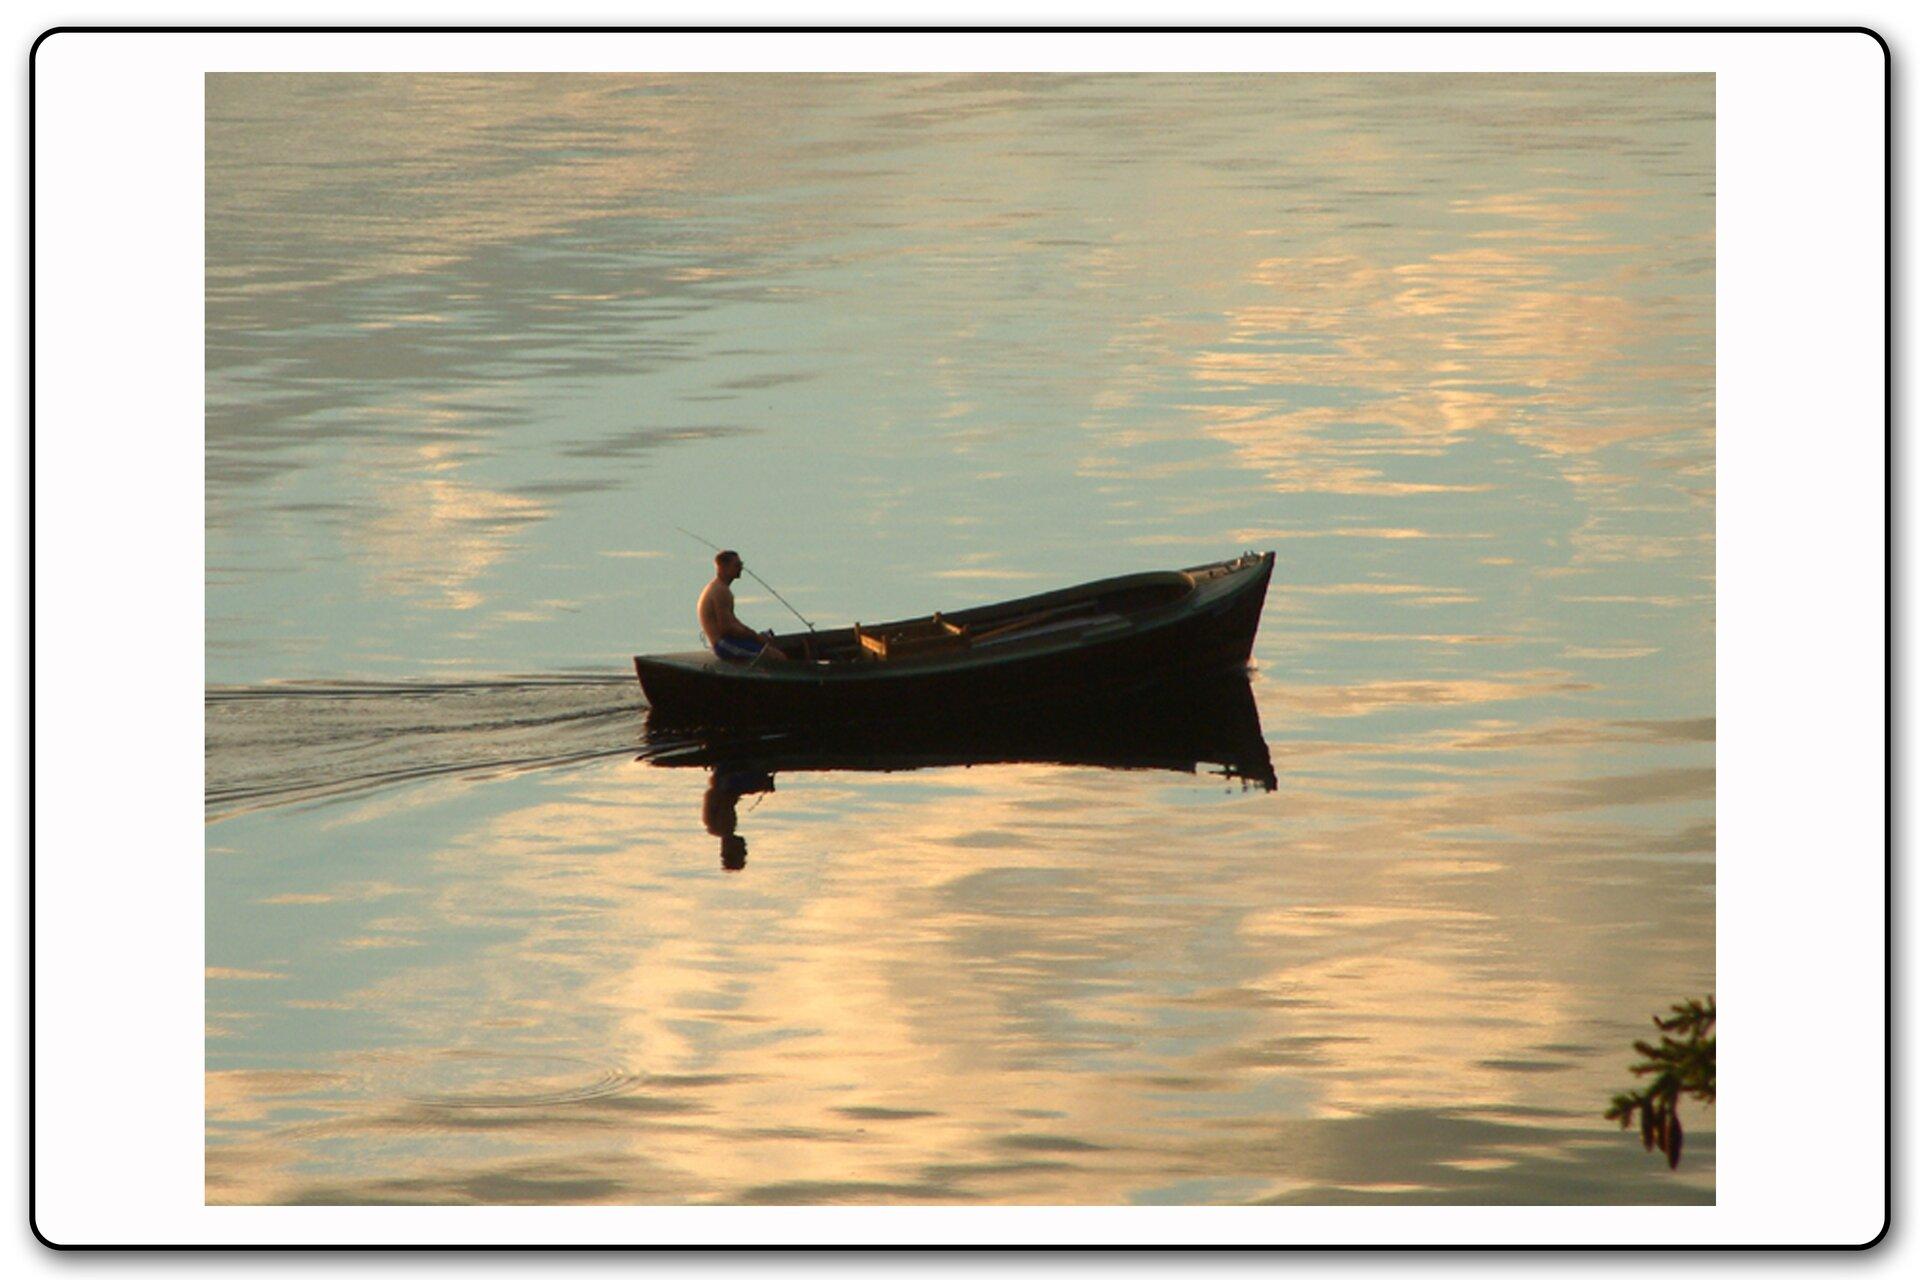 Slajd 14 galerii fotografii przedstawiającej lustrzane odbicie